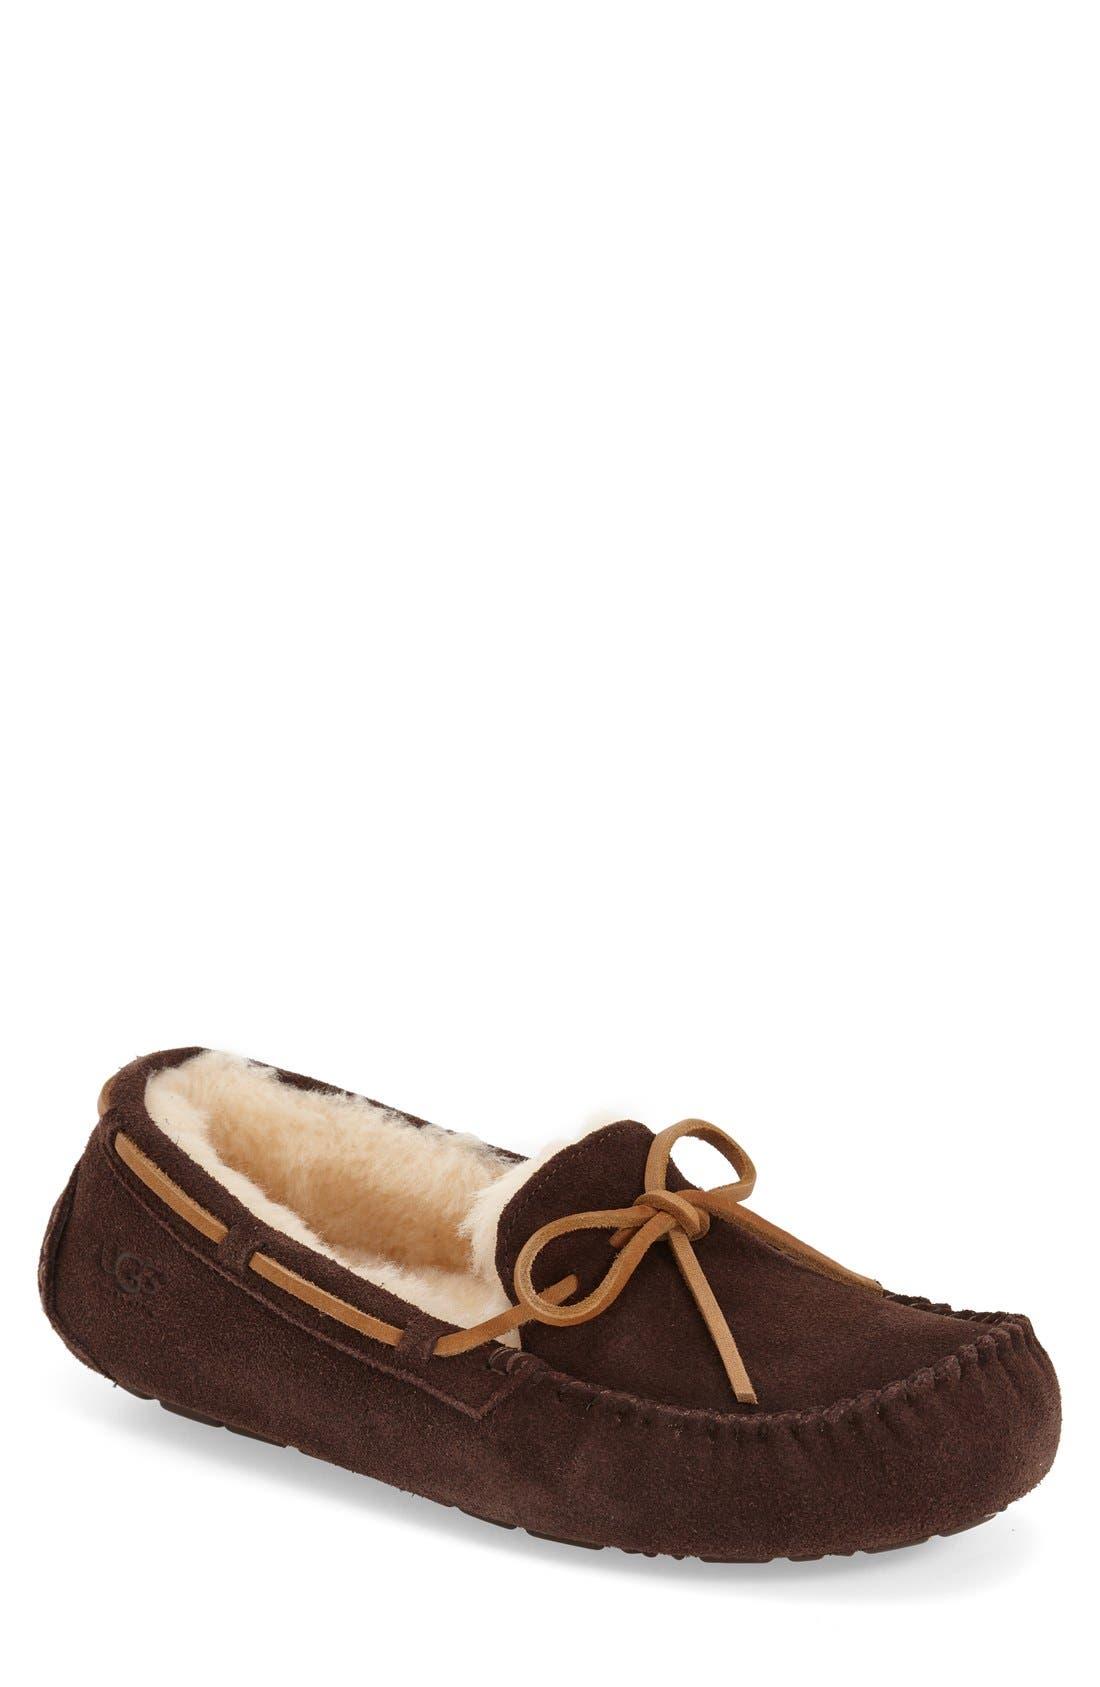 Alternate Image 1 Selected - UGG® 'Olsen' Moccasin Slipper (Men)